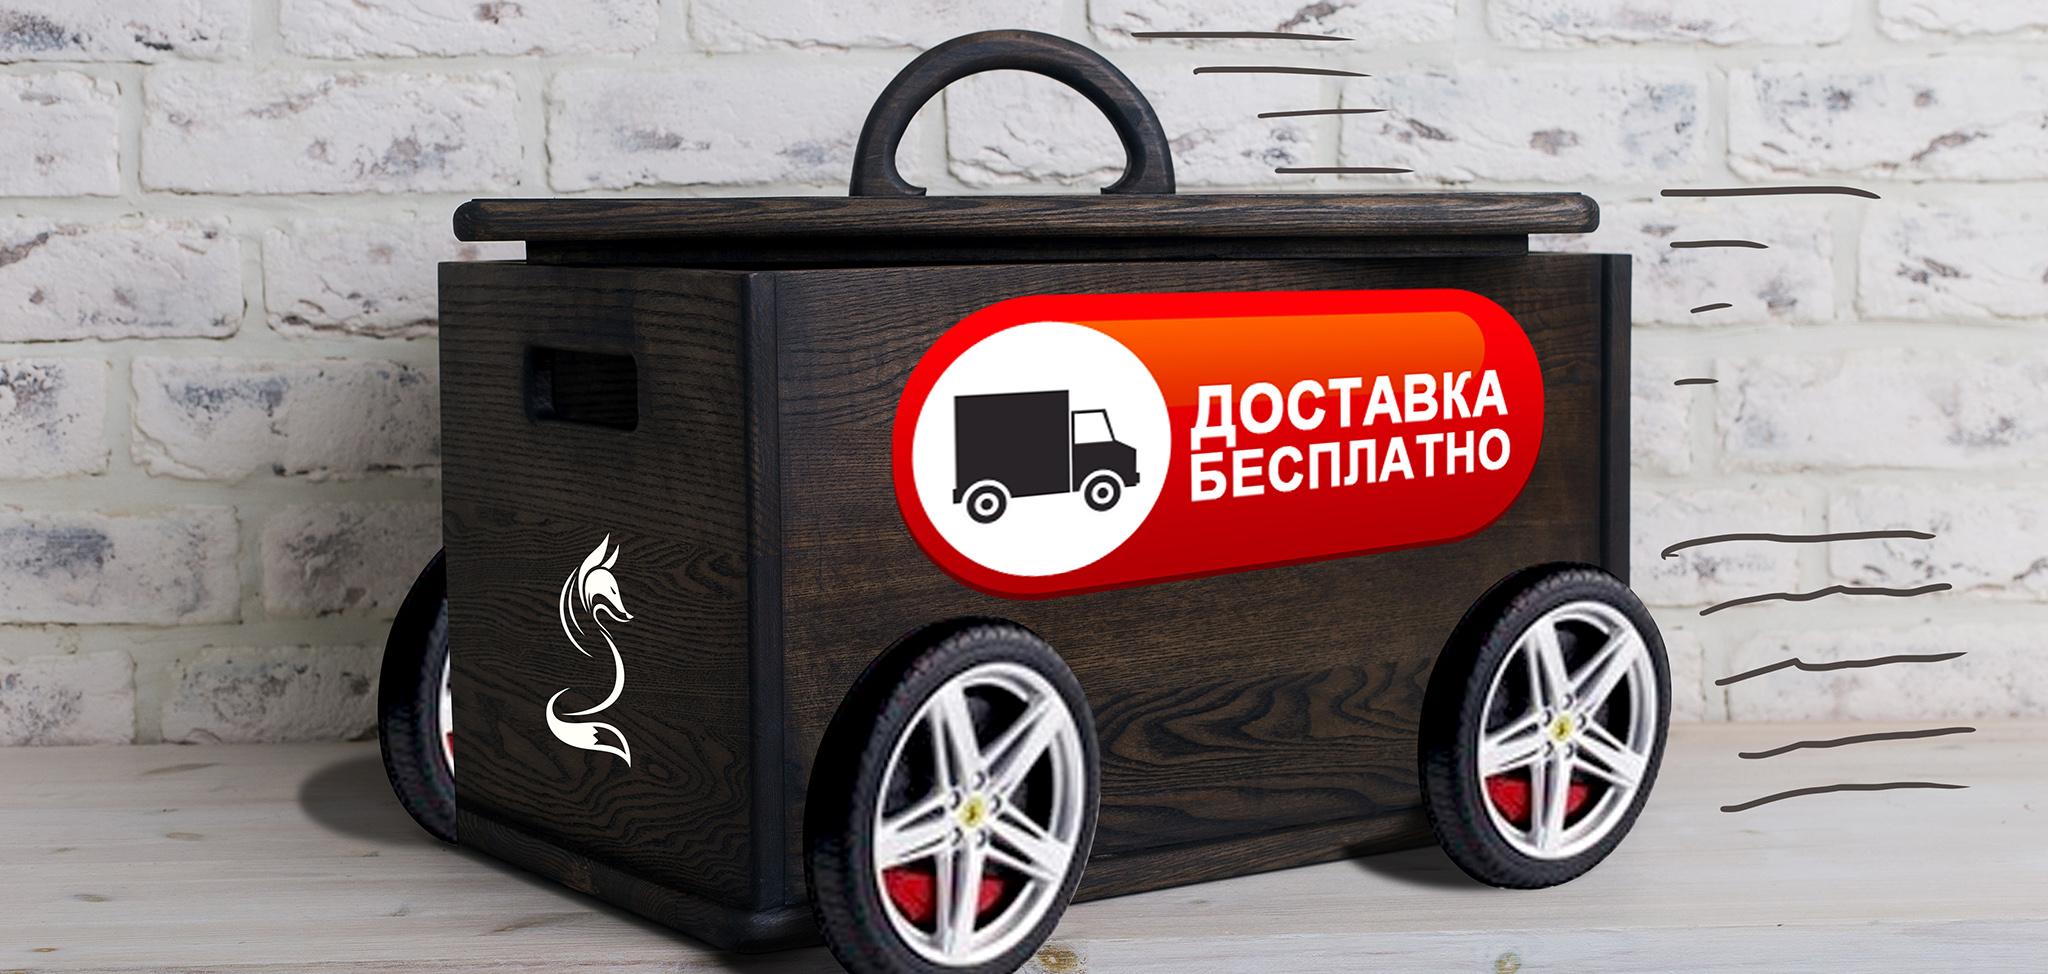 ДОСТАВКА.jpg